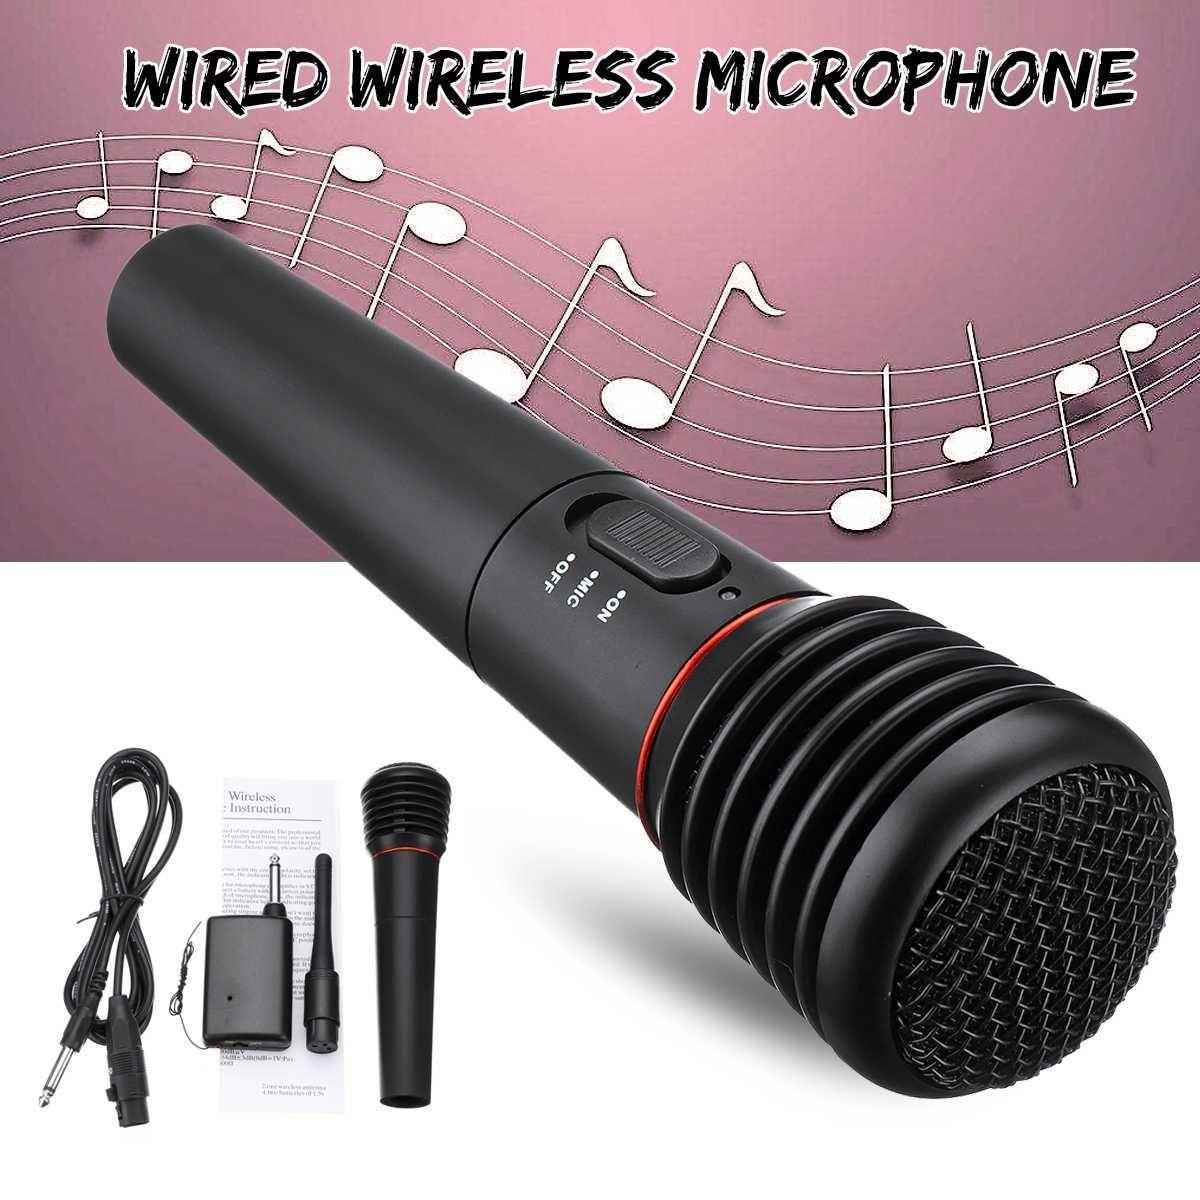 2in1 Berufs Wired Wireless Handheld Mikrofon Mic Dynamische Cordless Für KTV Karaoke Party Aufnahme Sprechen Bühne Geschenk